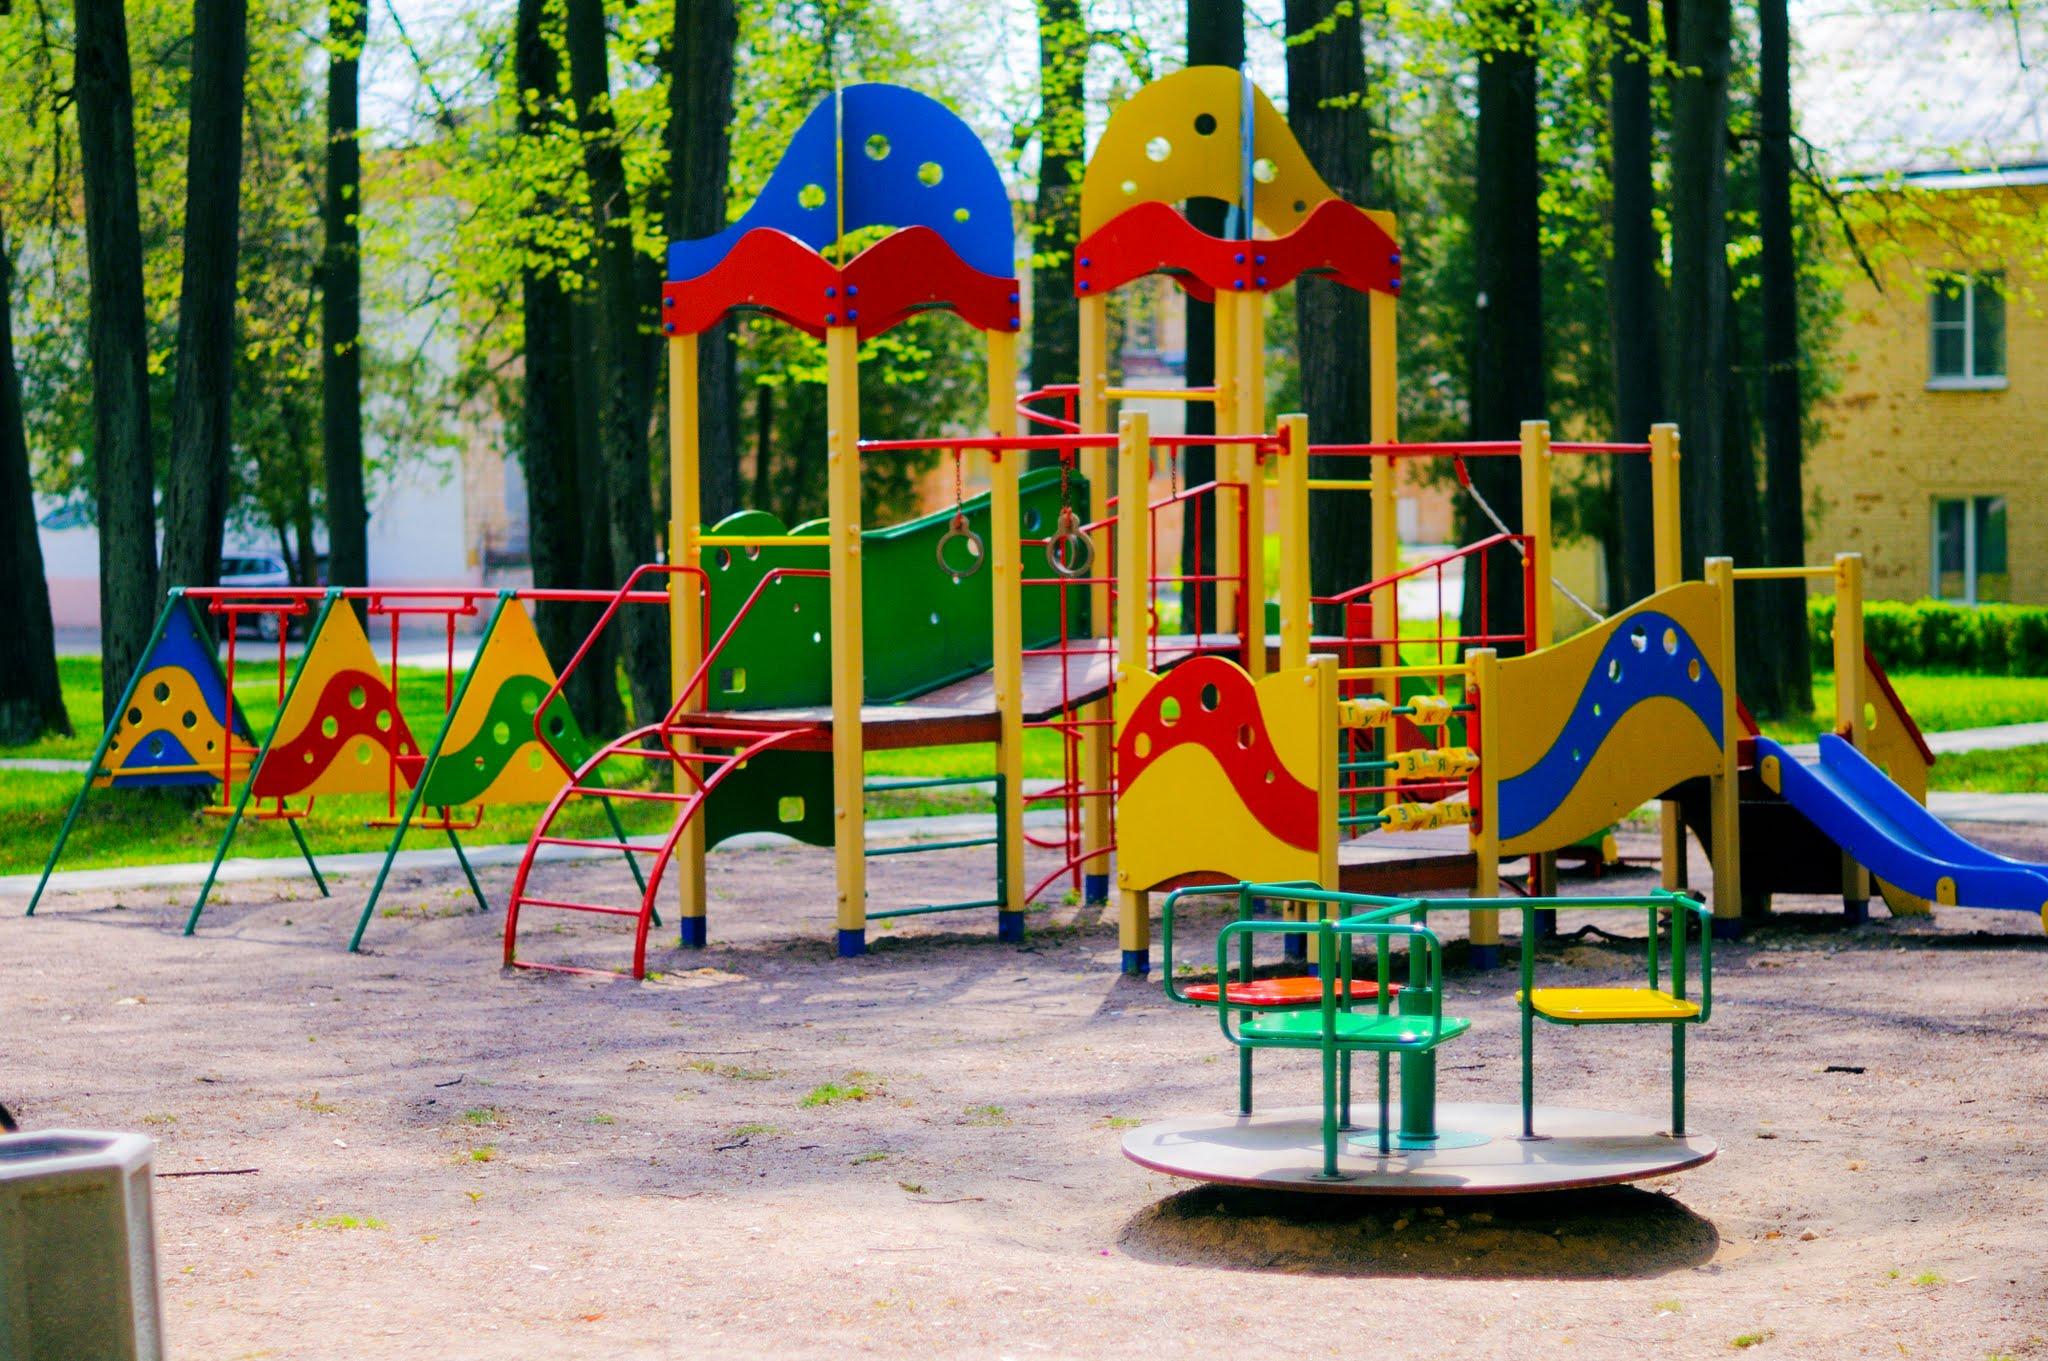 ВНовосибирске наскамейке детской площадки найдено  окоченелое тело 25-летнего мужчины